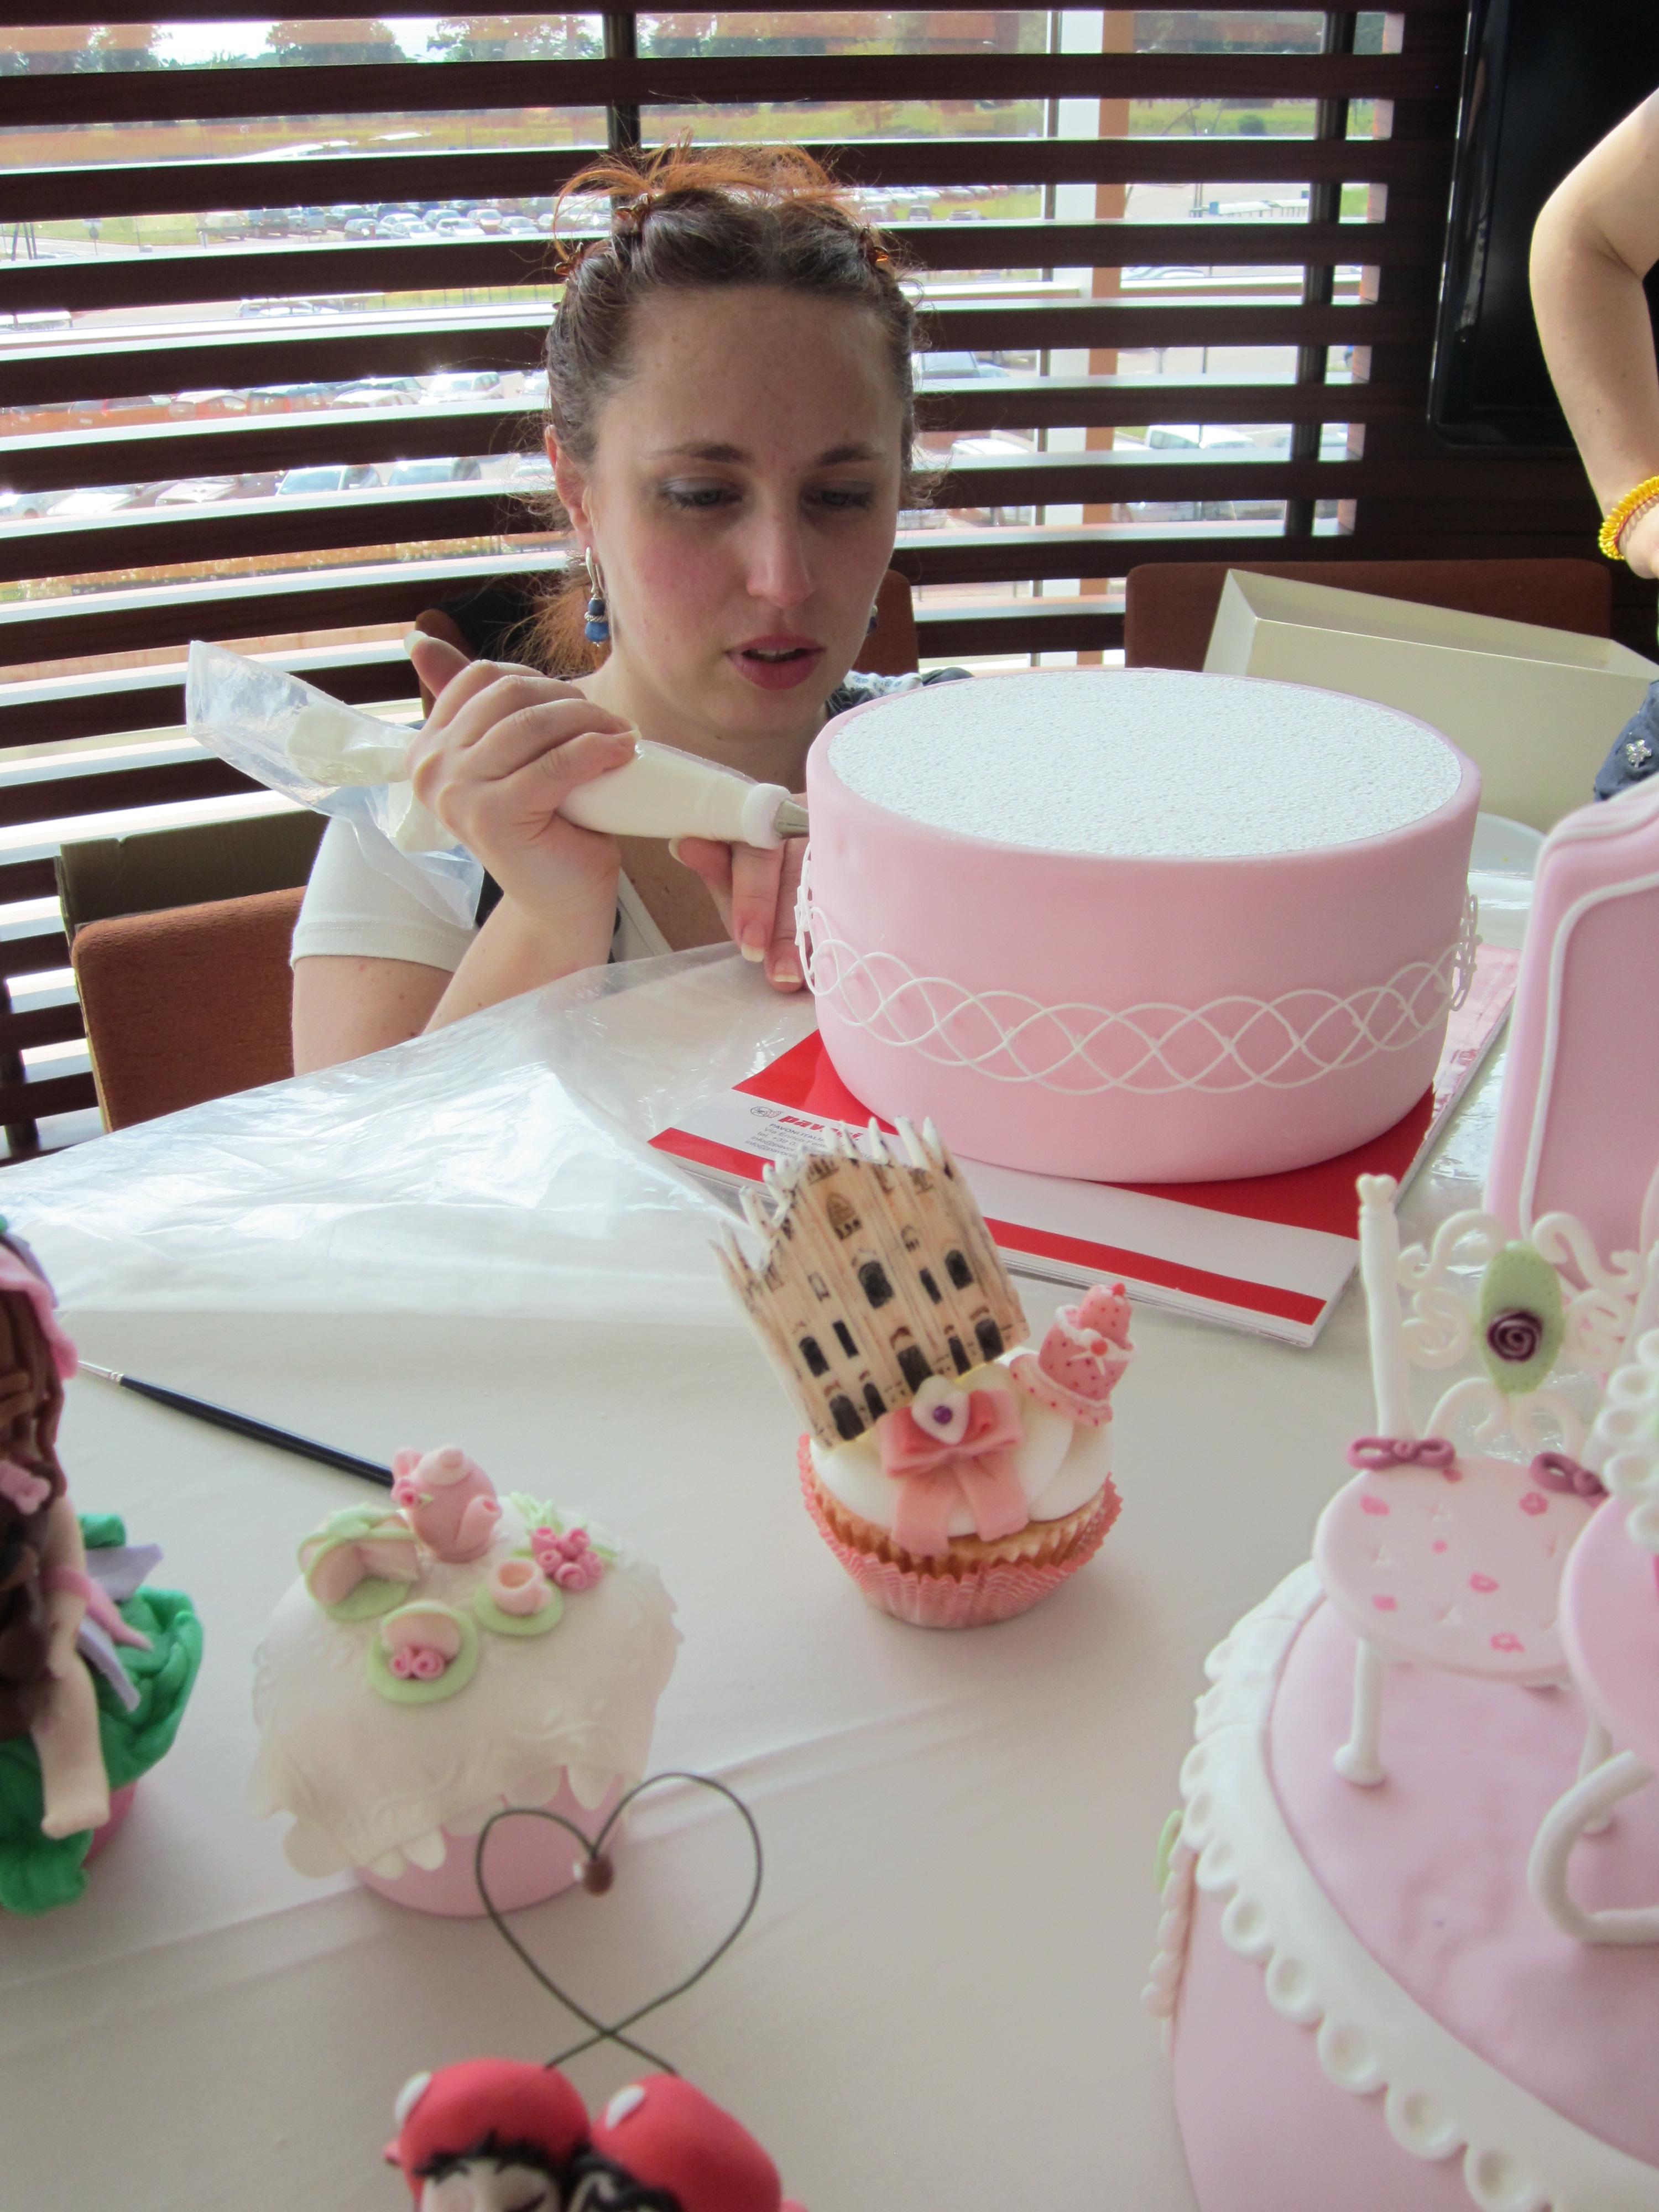 Al cake design festival i dolci diventano opere d arte for Arte delle torte clementoni